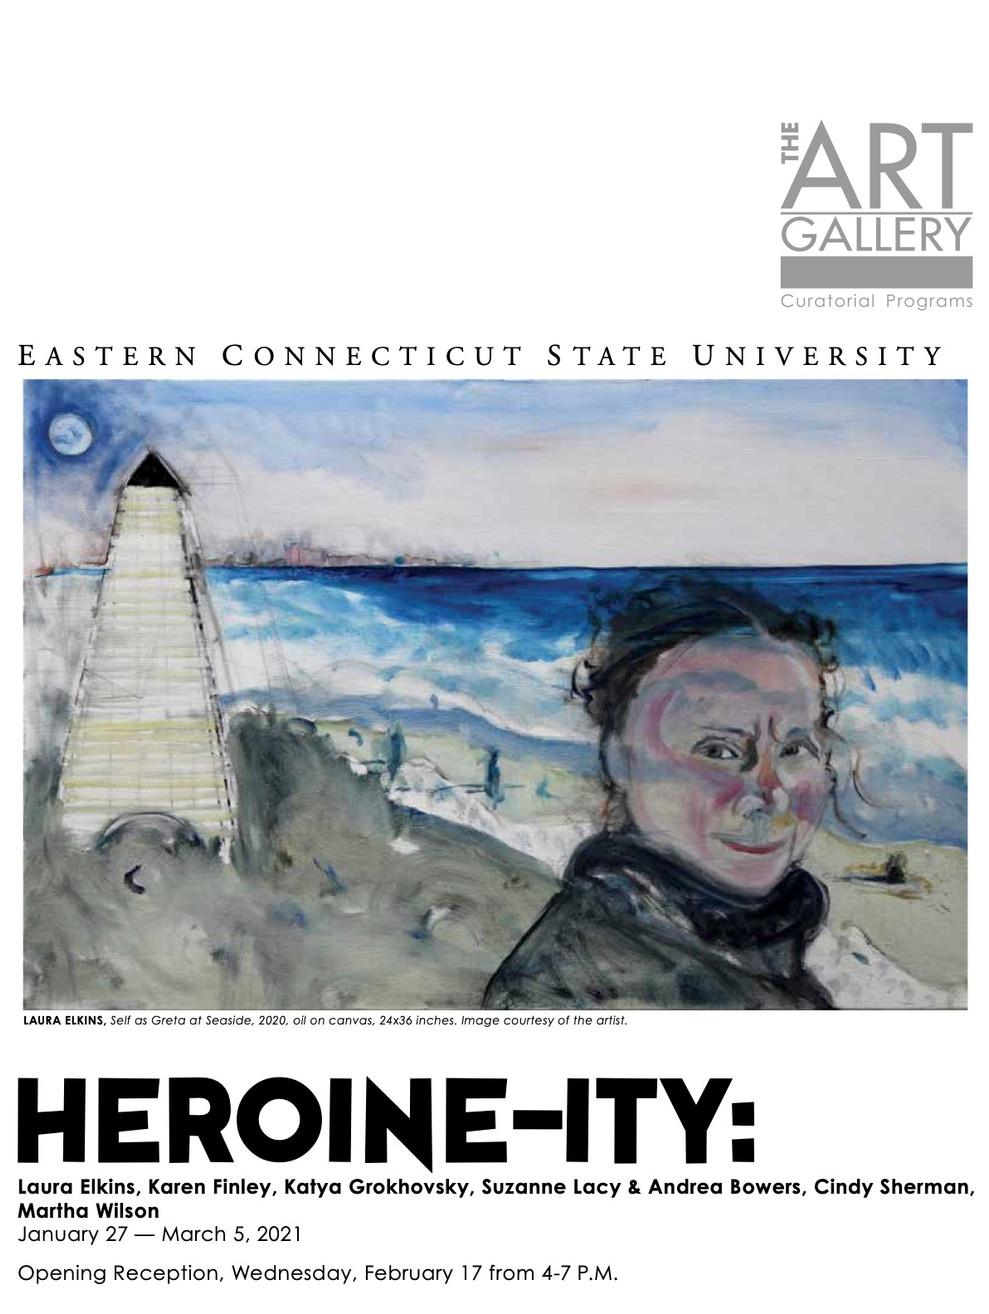 Heroine-ity exhibition